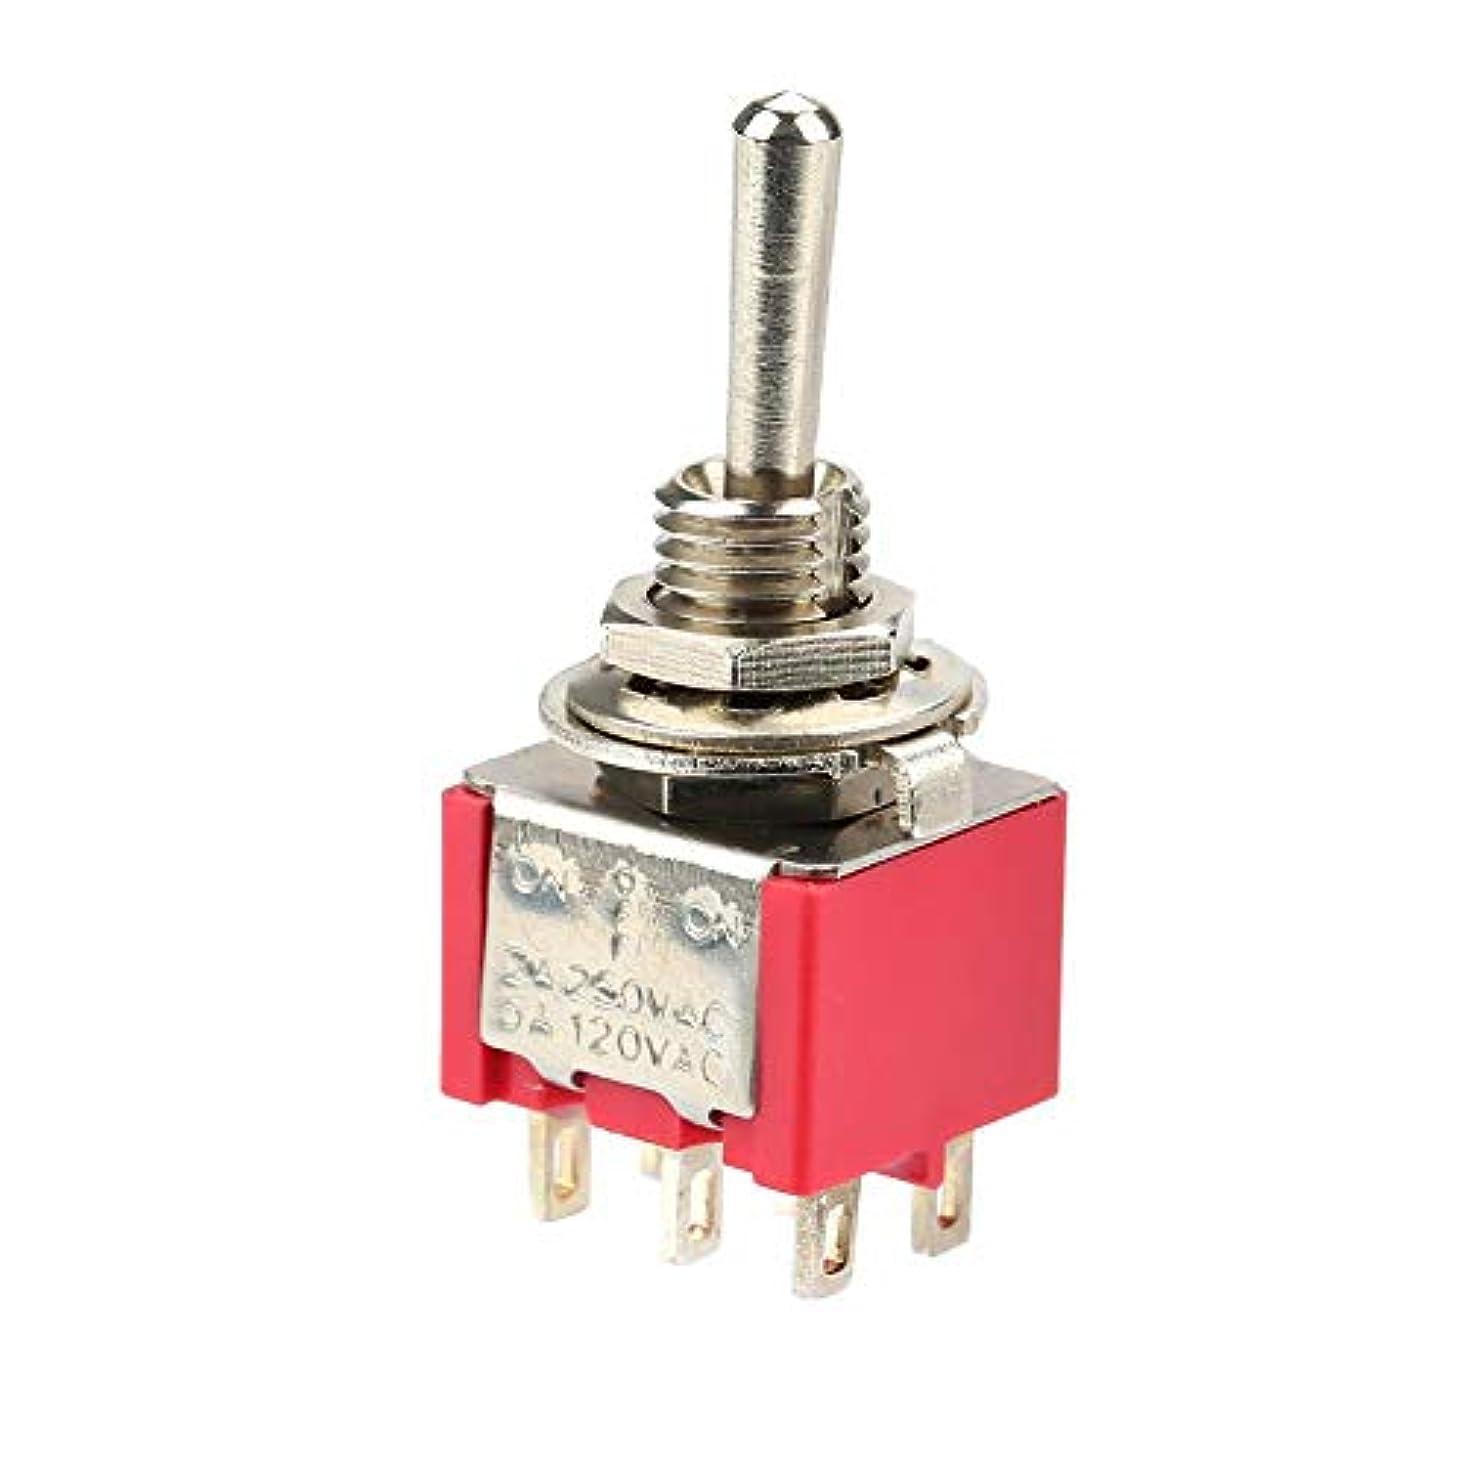 オッズレキシコンモールス信号6mm MTS-203ミニトグルスイッチカバー、10個のトグルスイッチ、家電車用のプロの瞬間6ピン